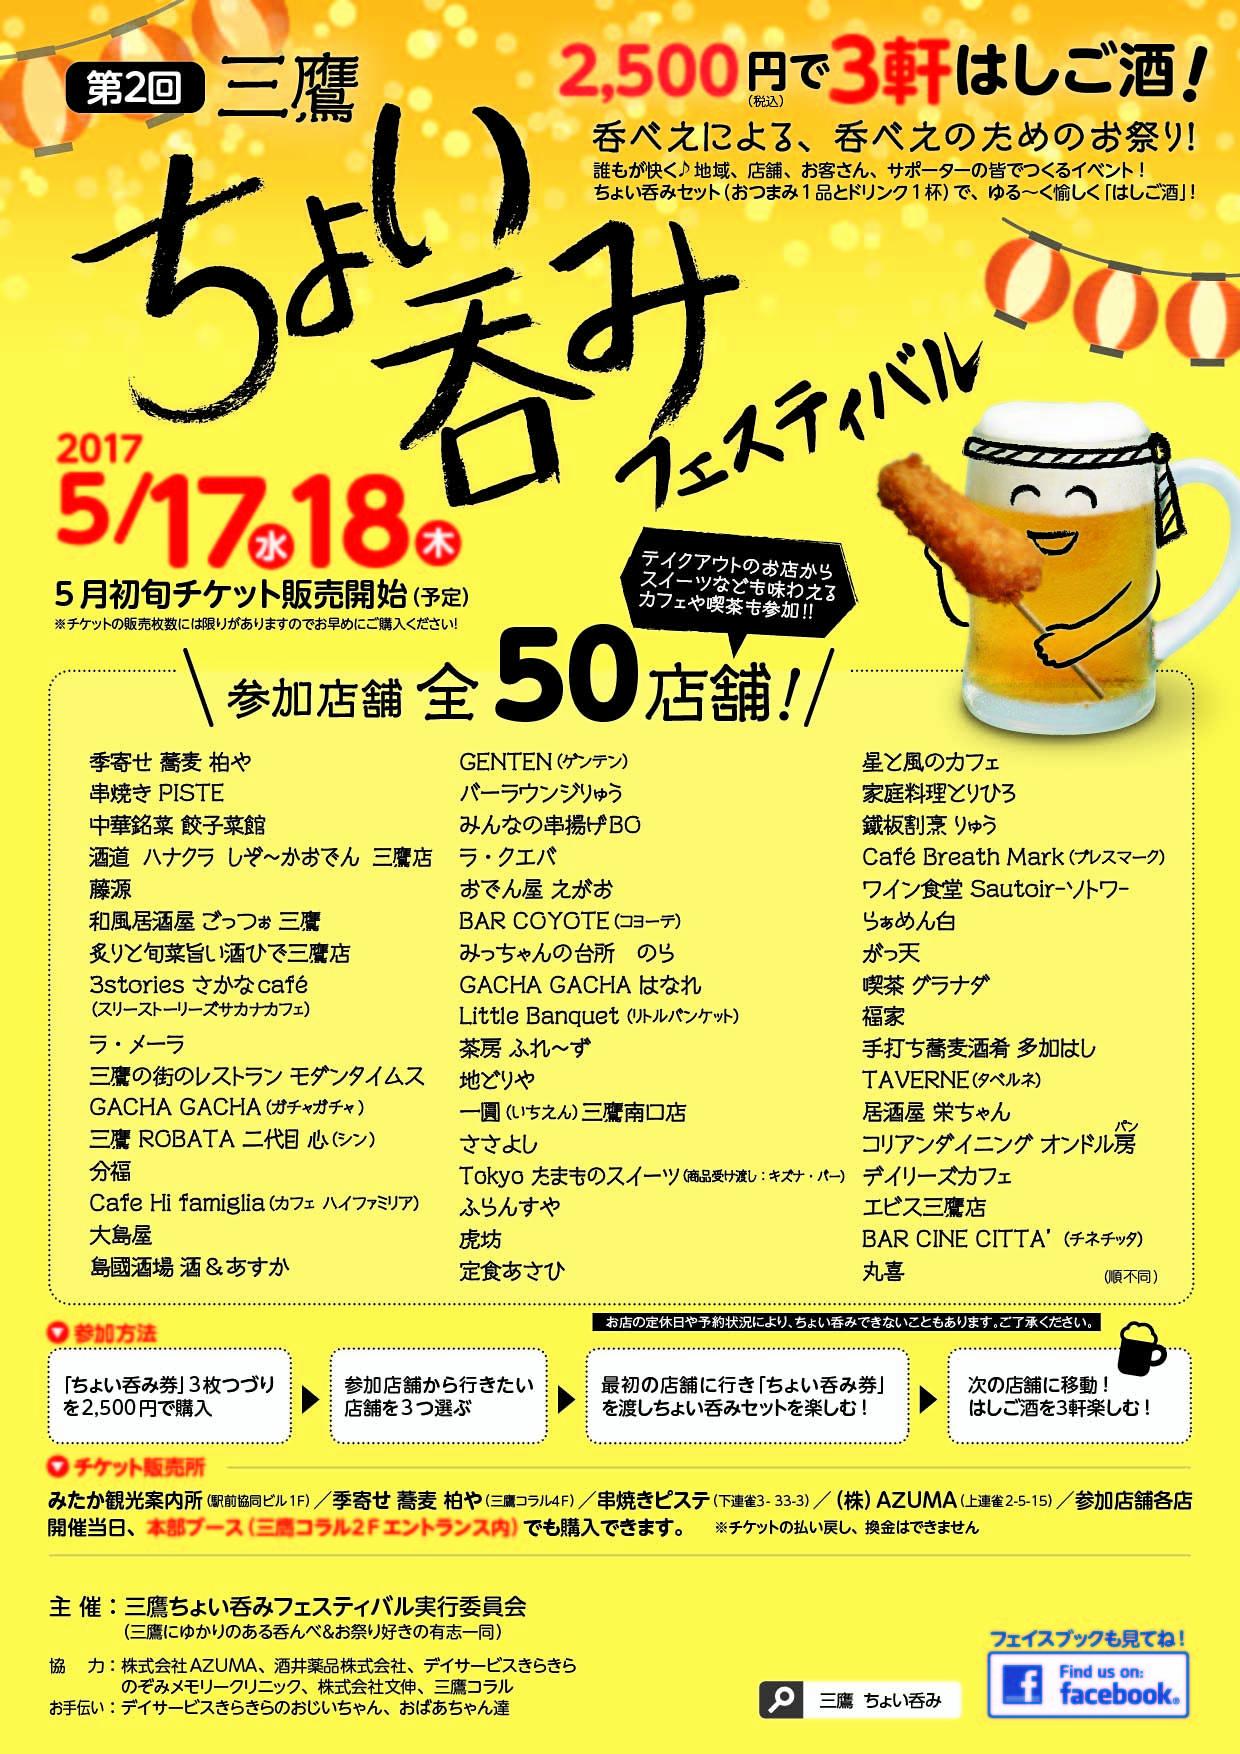 coinomi2017-01チラシ.jpg